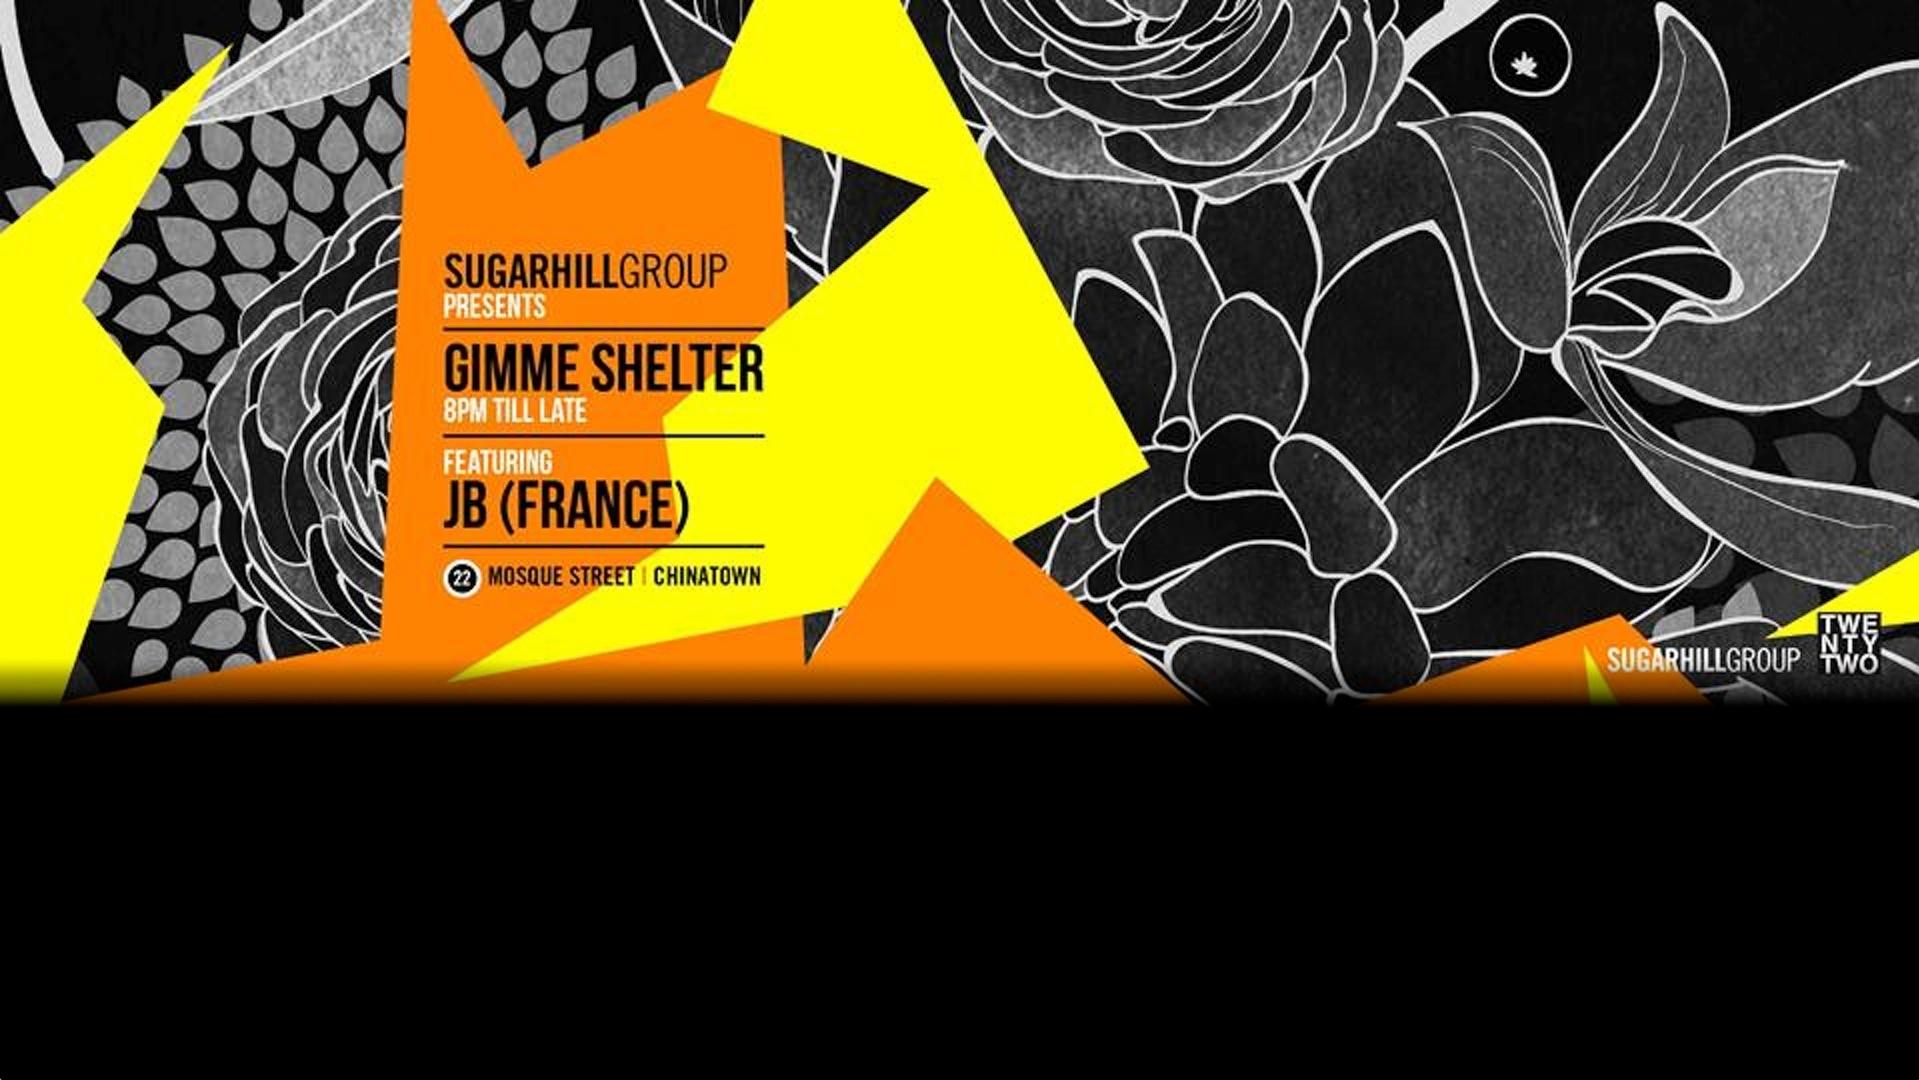 Gimme Shelter ft. JB (France)